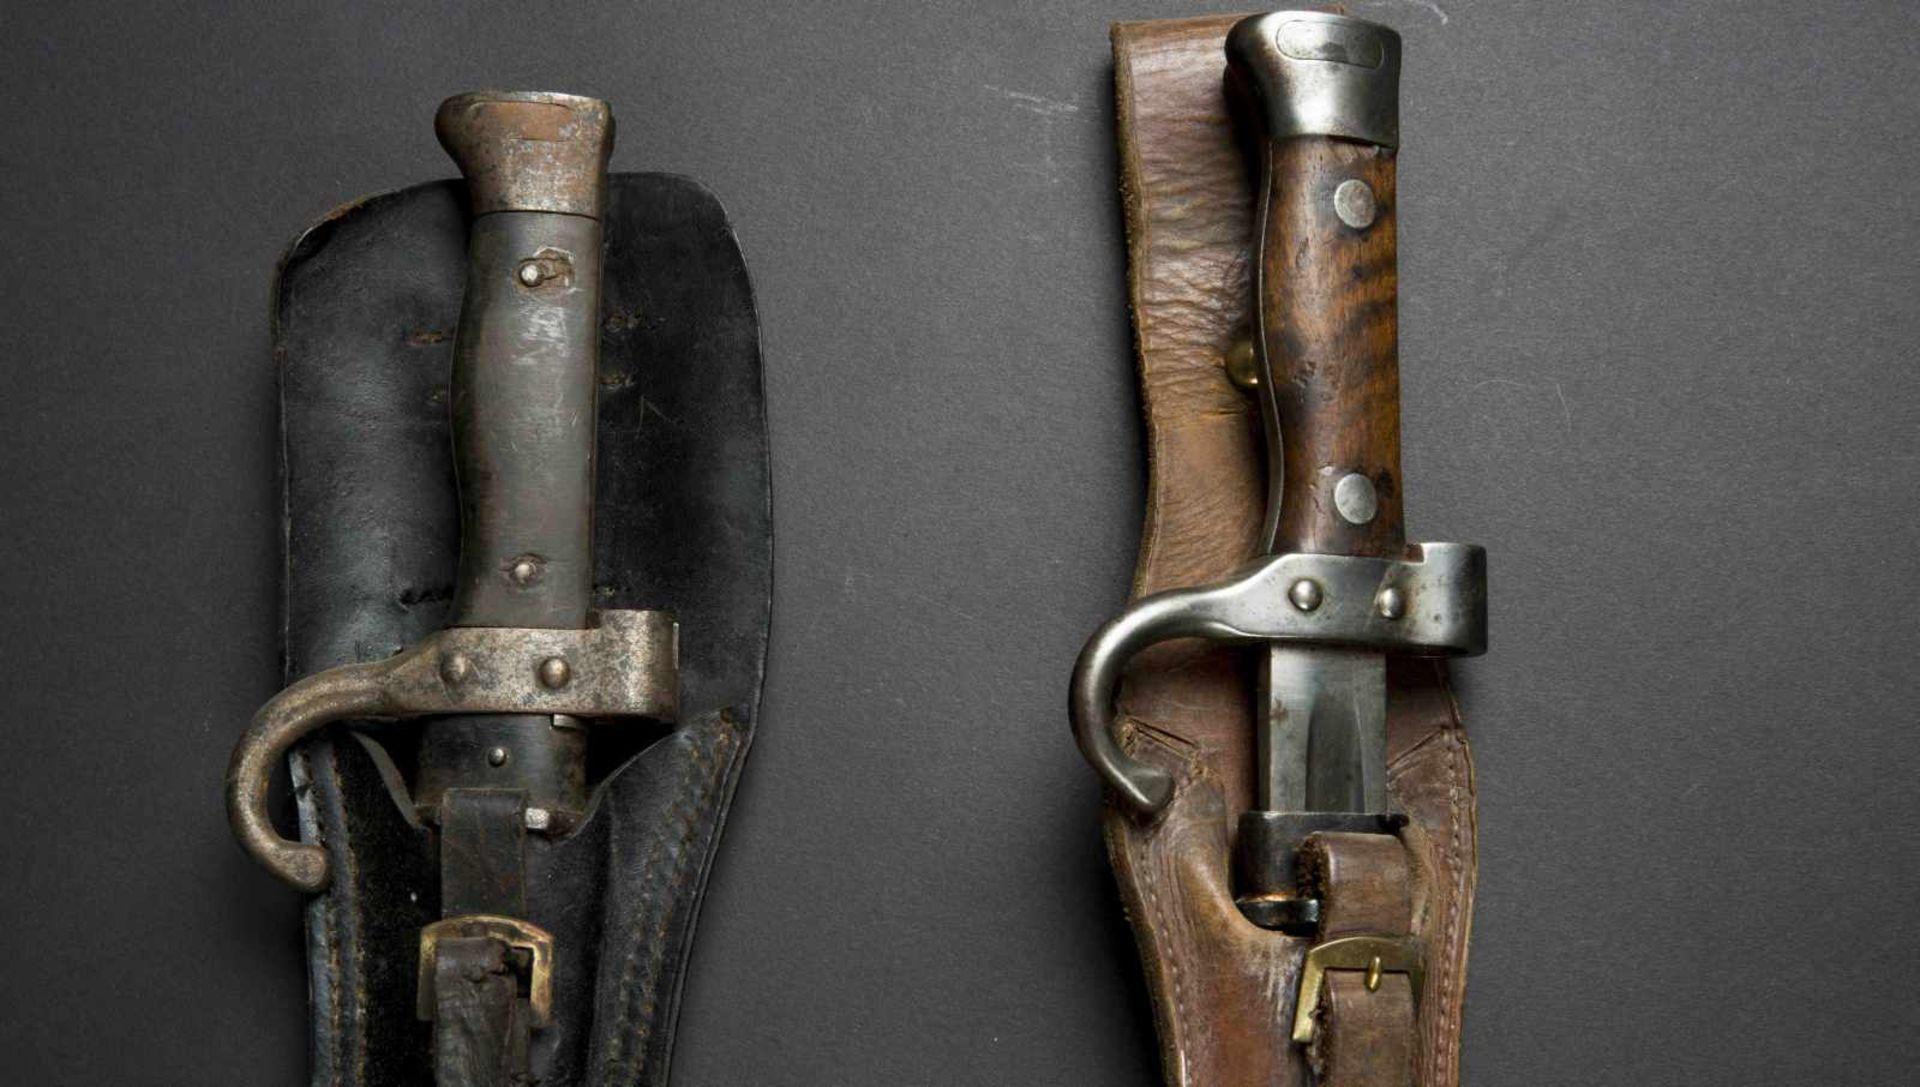 Lot de deux baïonnettes modèle 1892 pour mousqueton bon état et état moyen, porte-épées modèle - Bild 4 aus 4